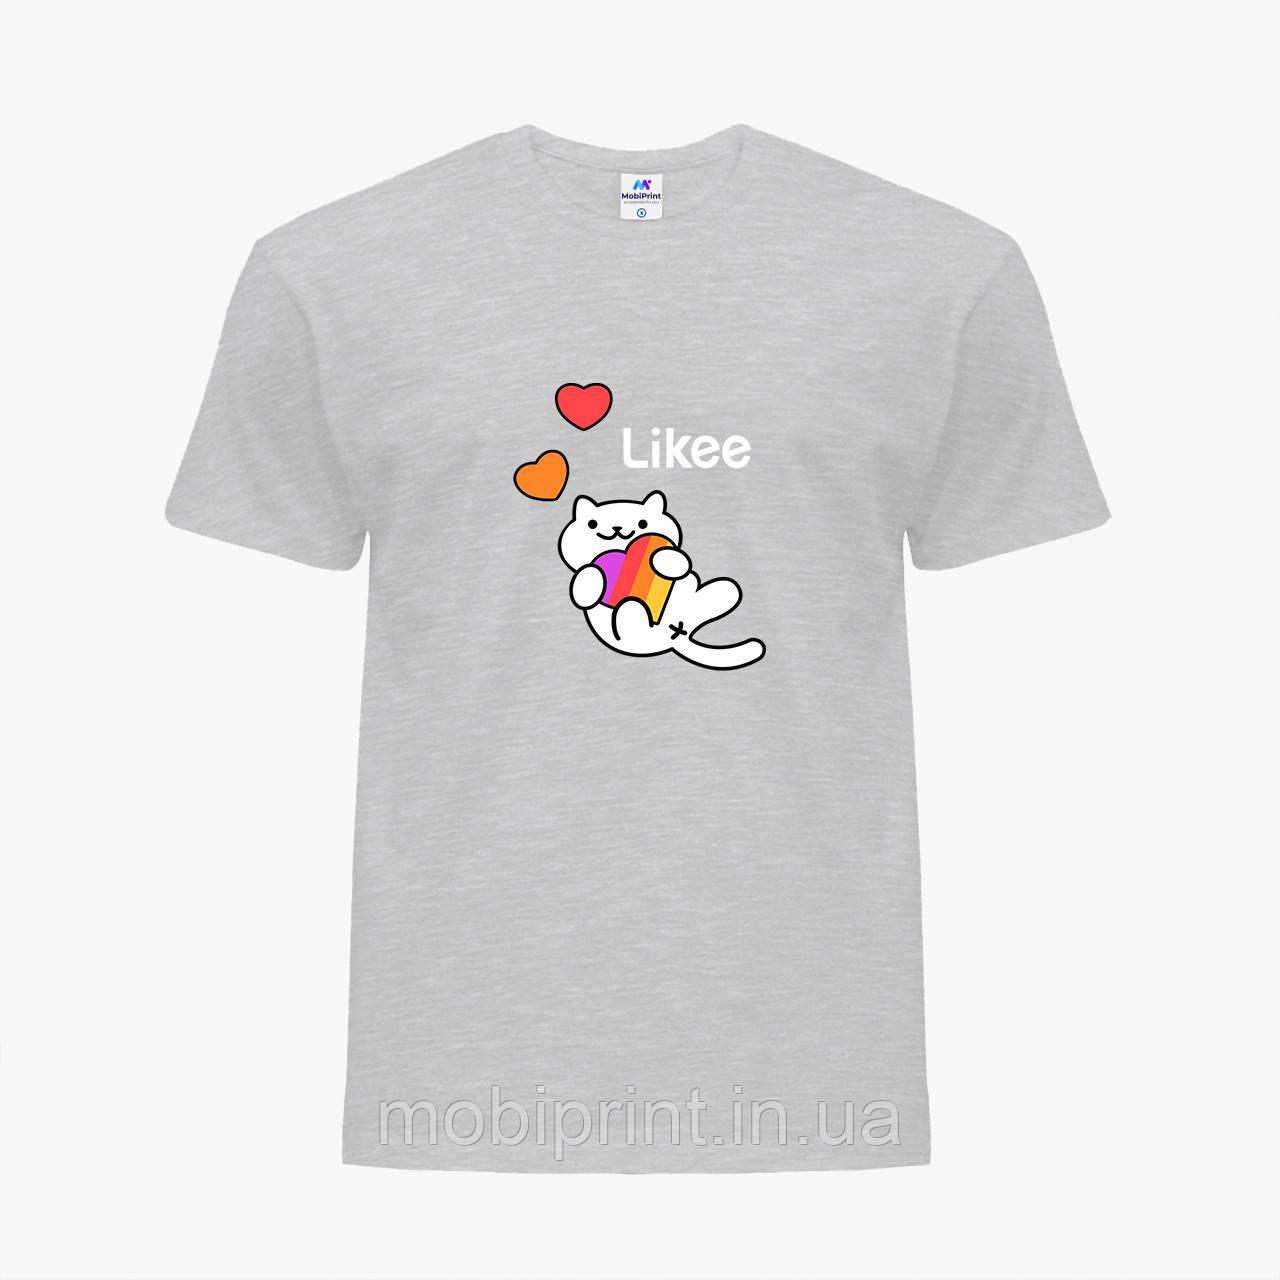 Детская футболка для девочек Лайк (Likee) (25186-1039) Светло-серый